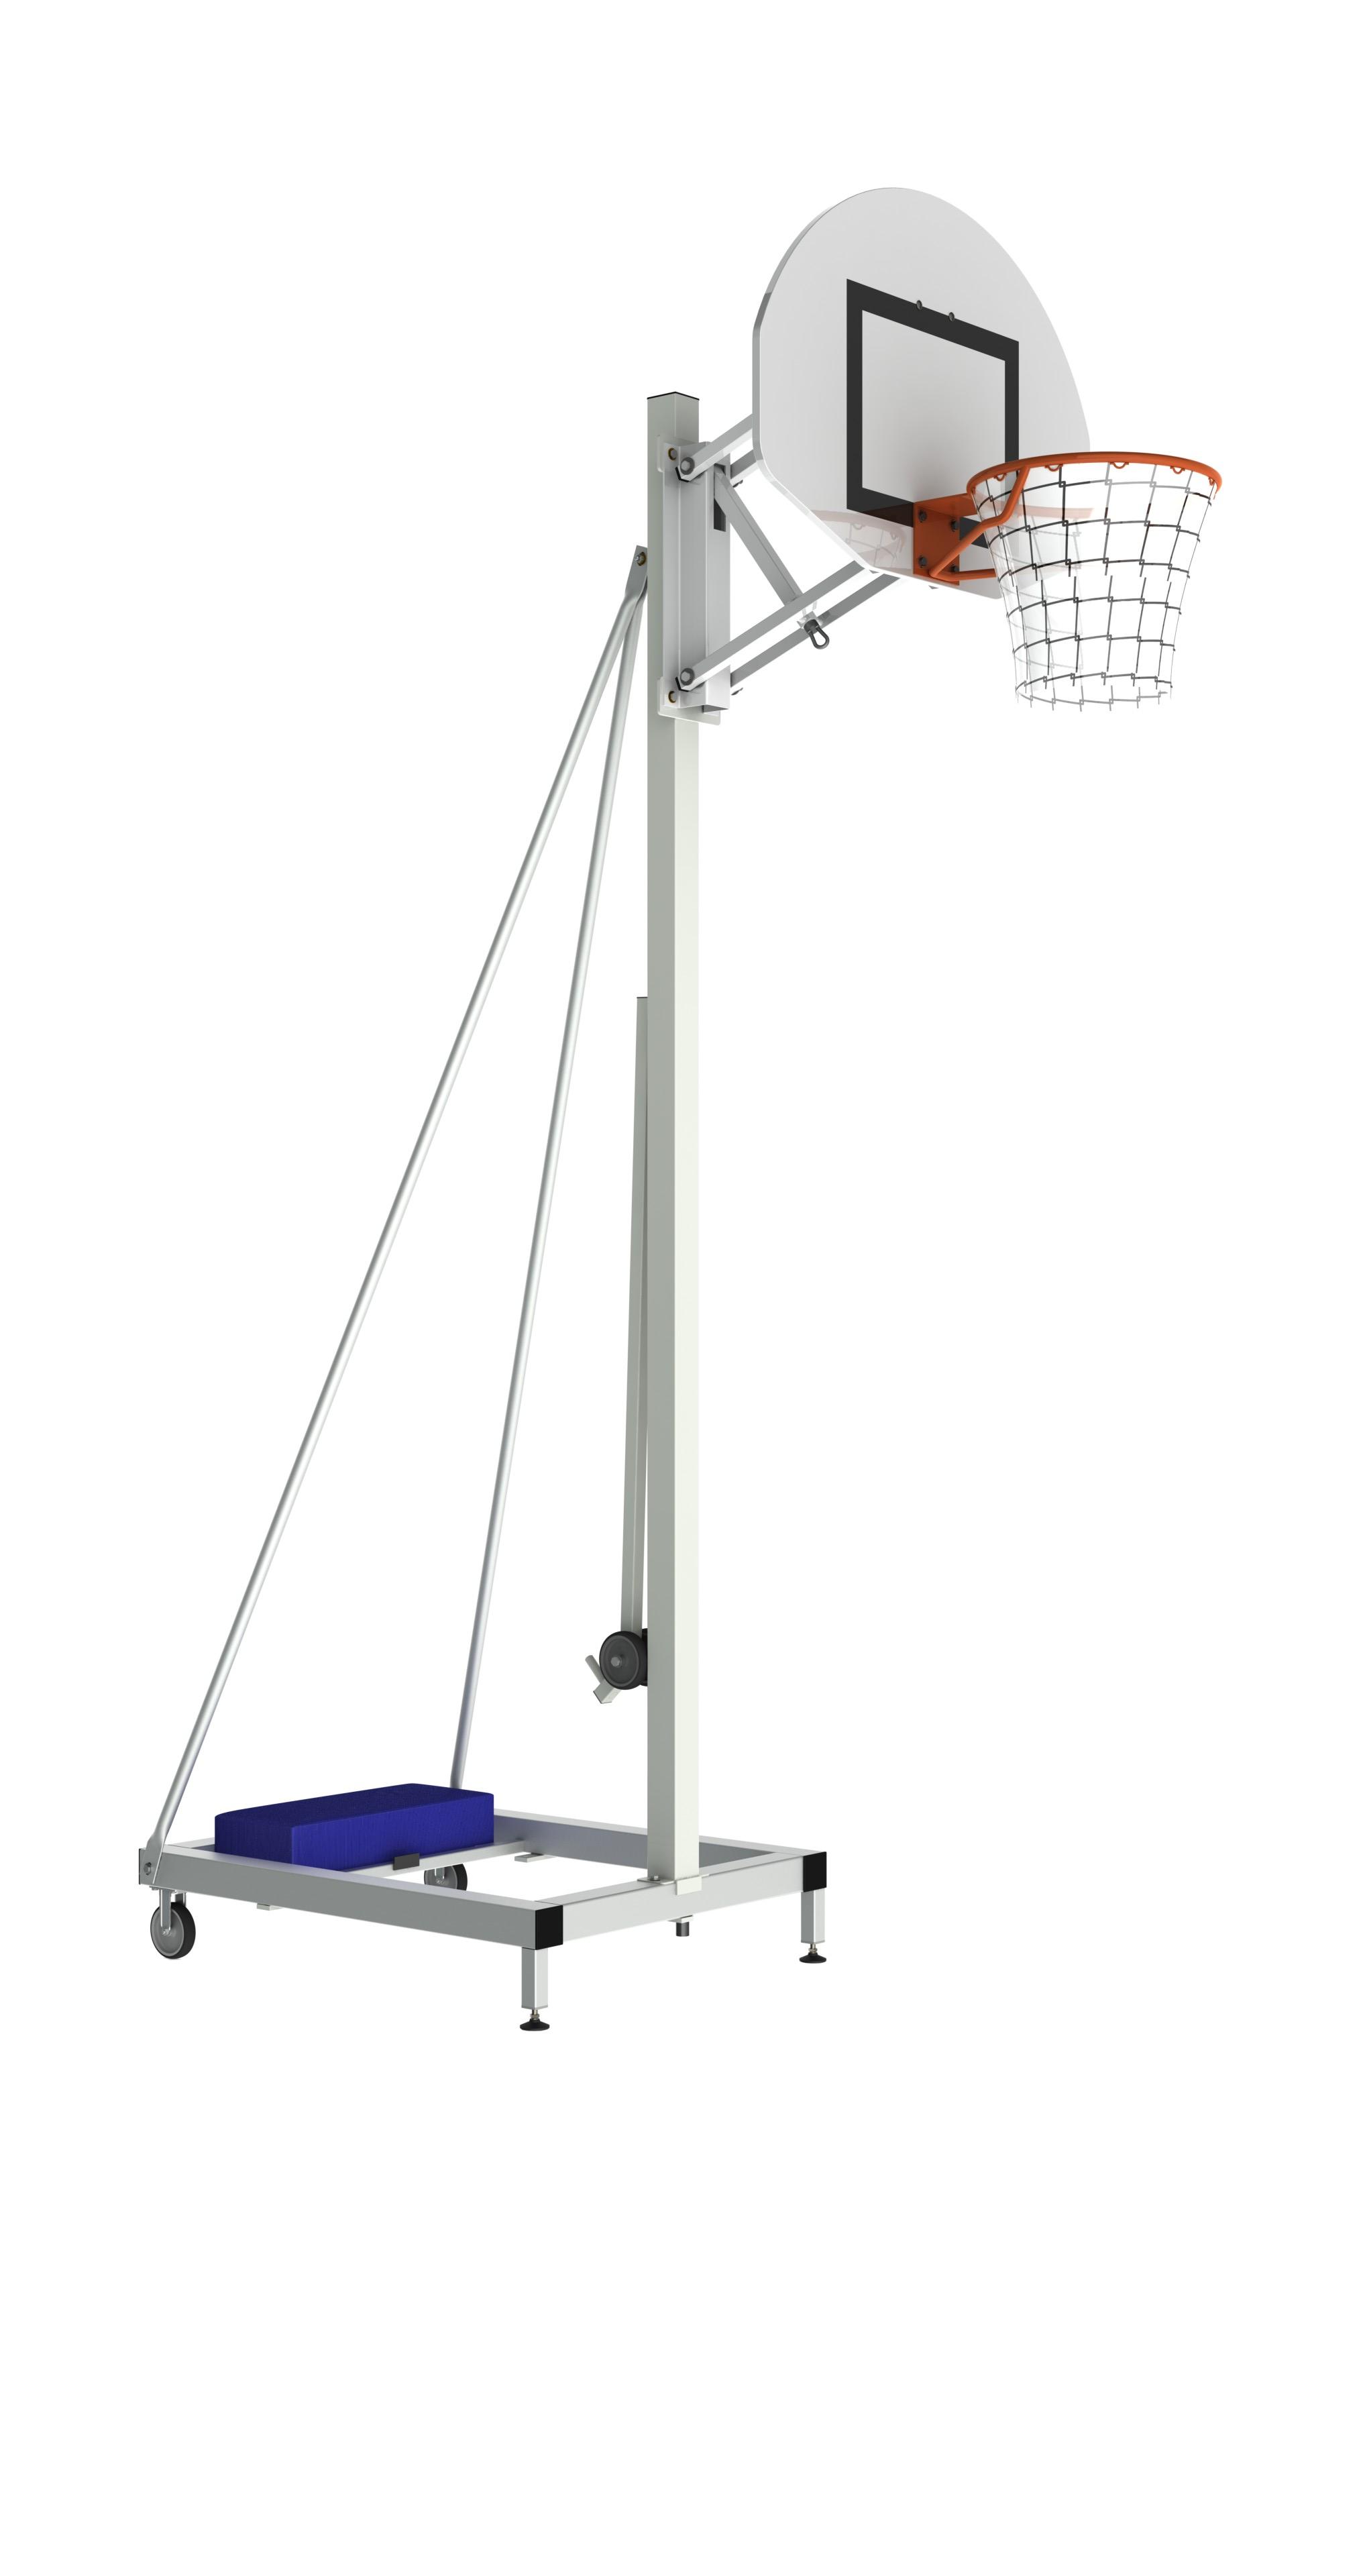 Image of   Basketball Portable Training Goal - Justerbar højde - Overhæng 0,6 m